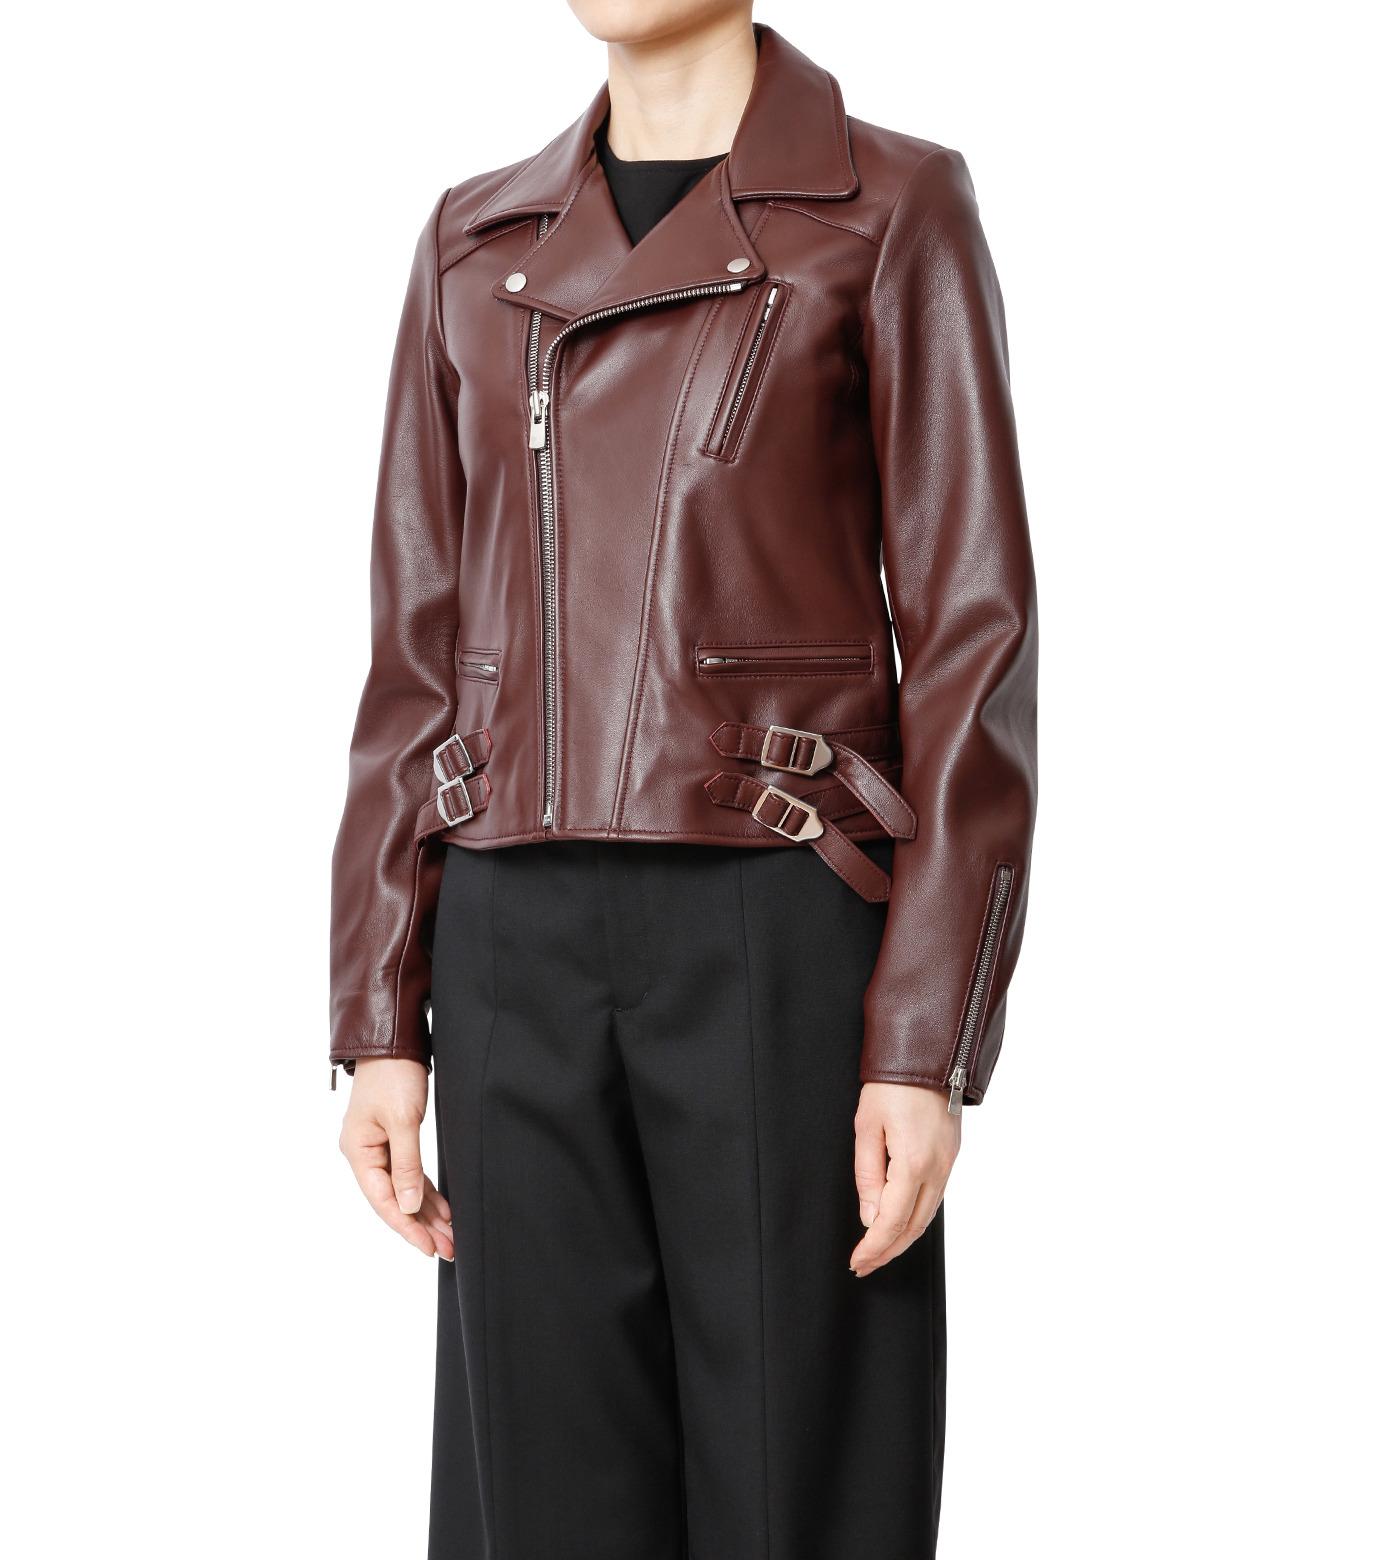 LE CIEL BLEU(ルシェルブルー)のラムレザーライダース-BORDEAUX(ジャケット/jacket)-18A64002 拡大詳細画像1